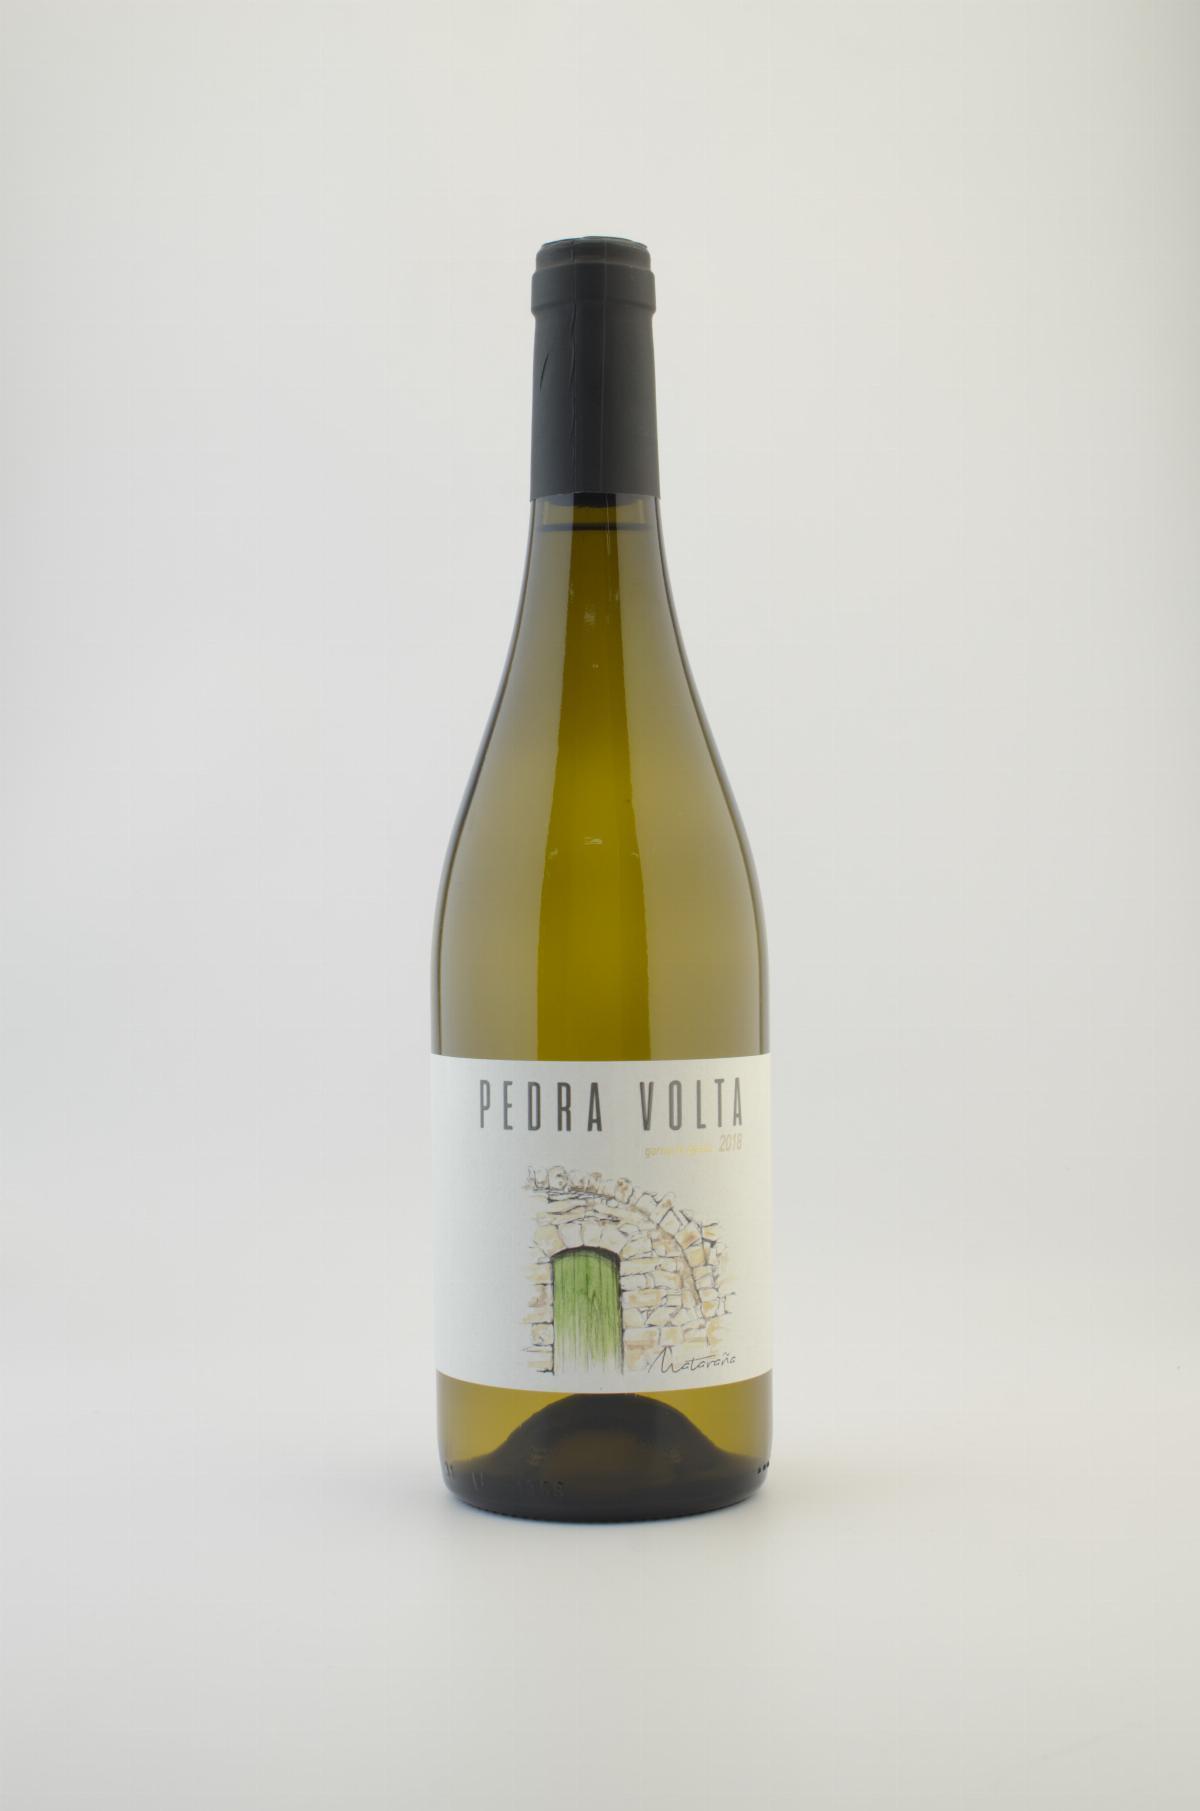 Vinos - Vi Blanc Pedra Volta IGP Bajo Aragon 75 cl. - Mestral Cambrils